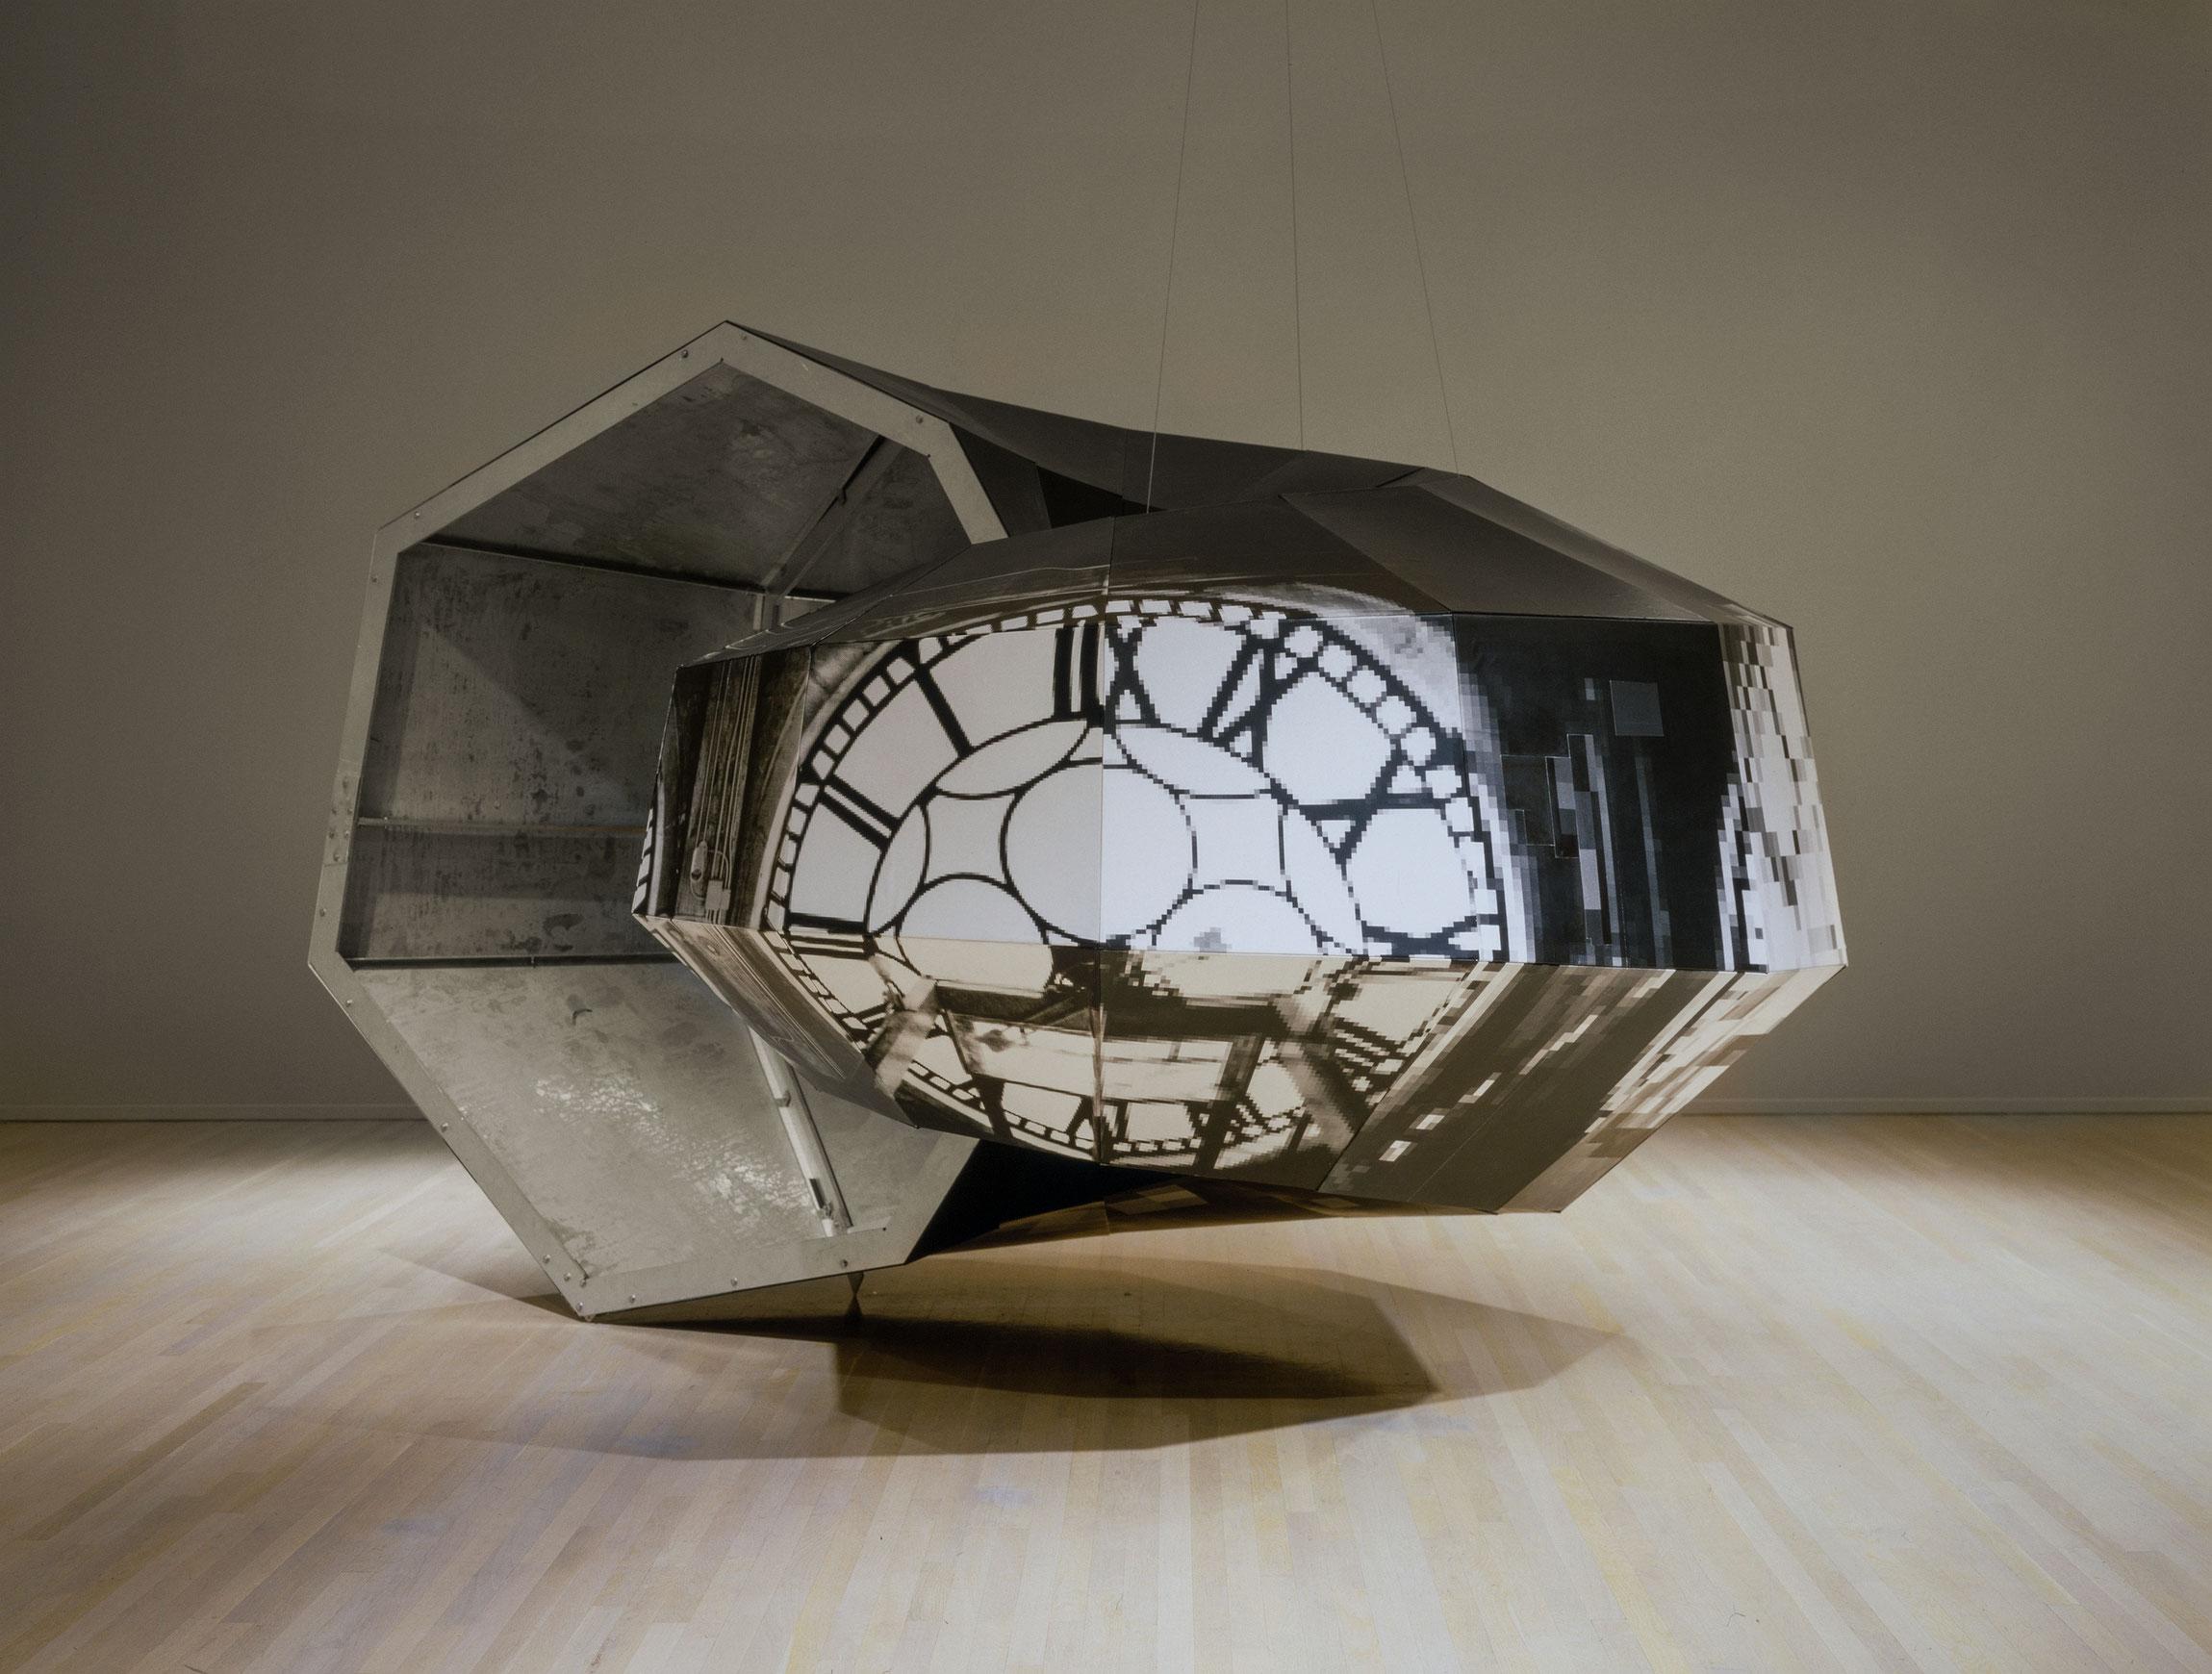 Dead on Time, 1990-1992, Alain Paiement, Épreuves argentiques sur structure de bois, contreplaqué et aluminium.